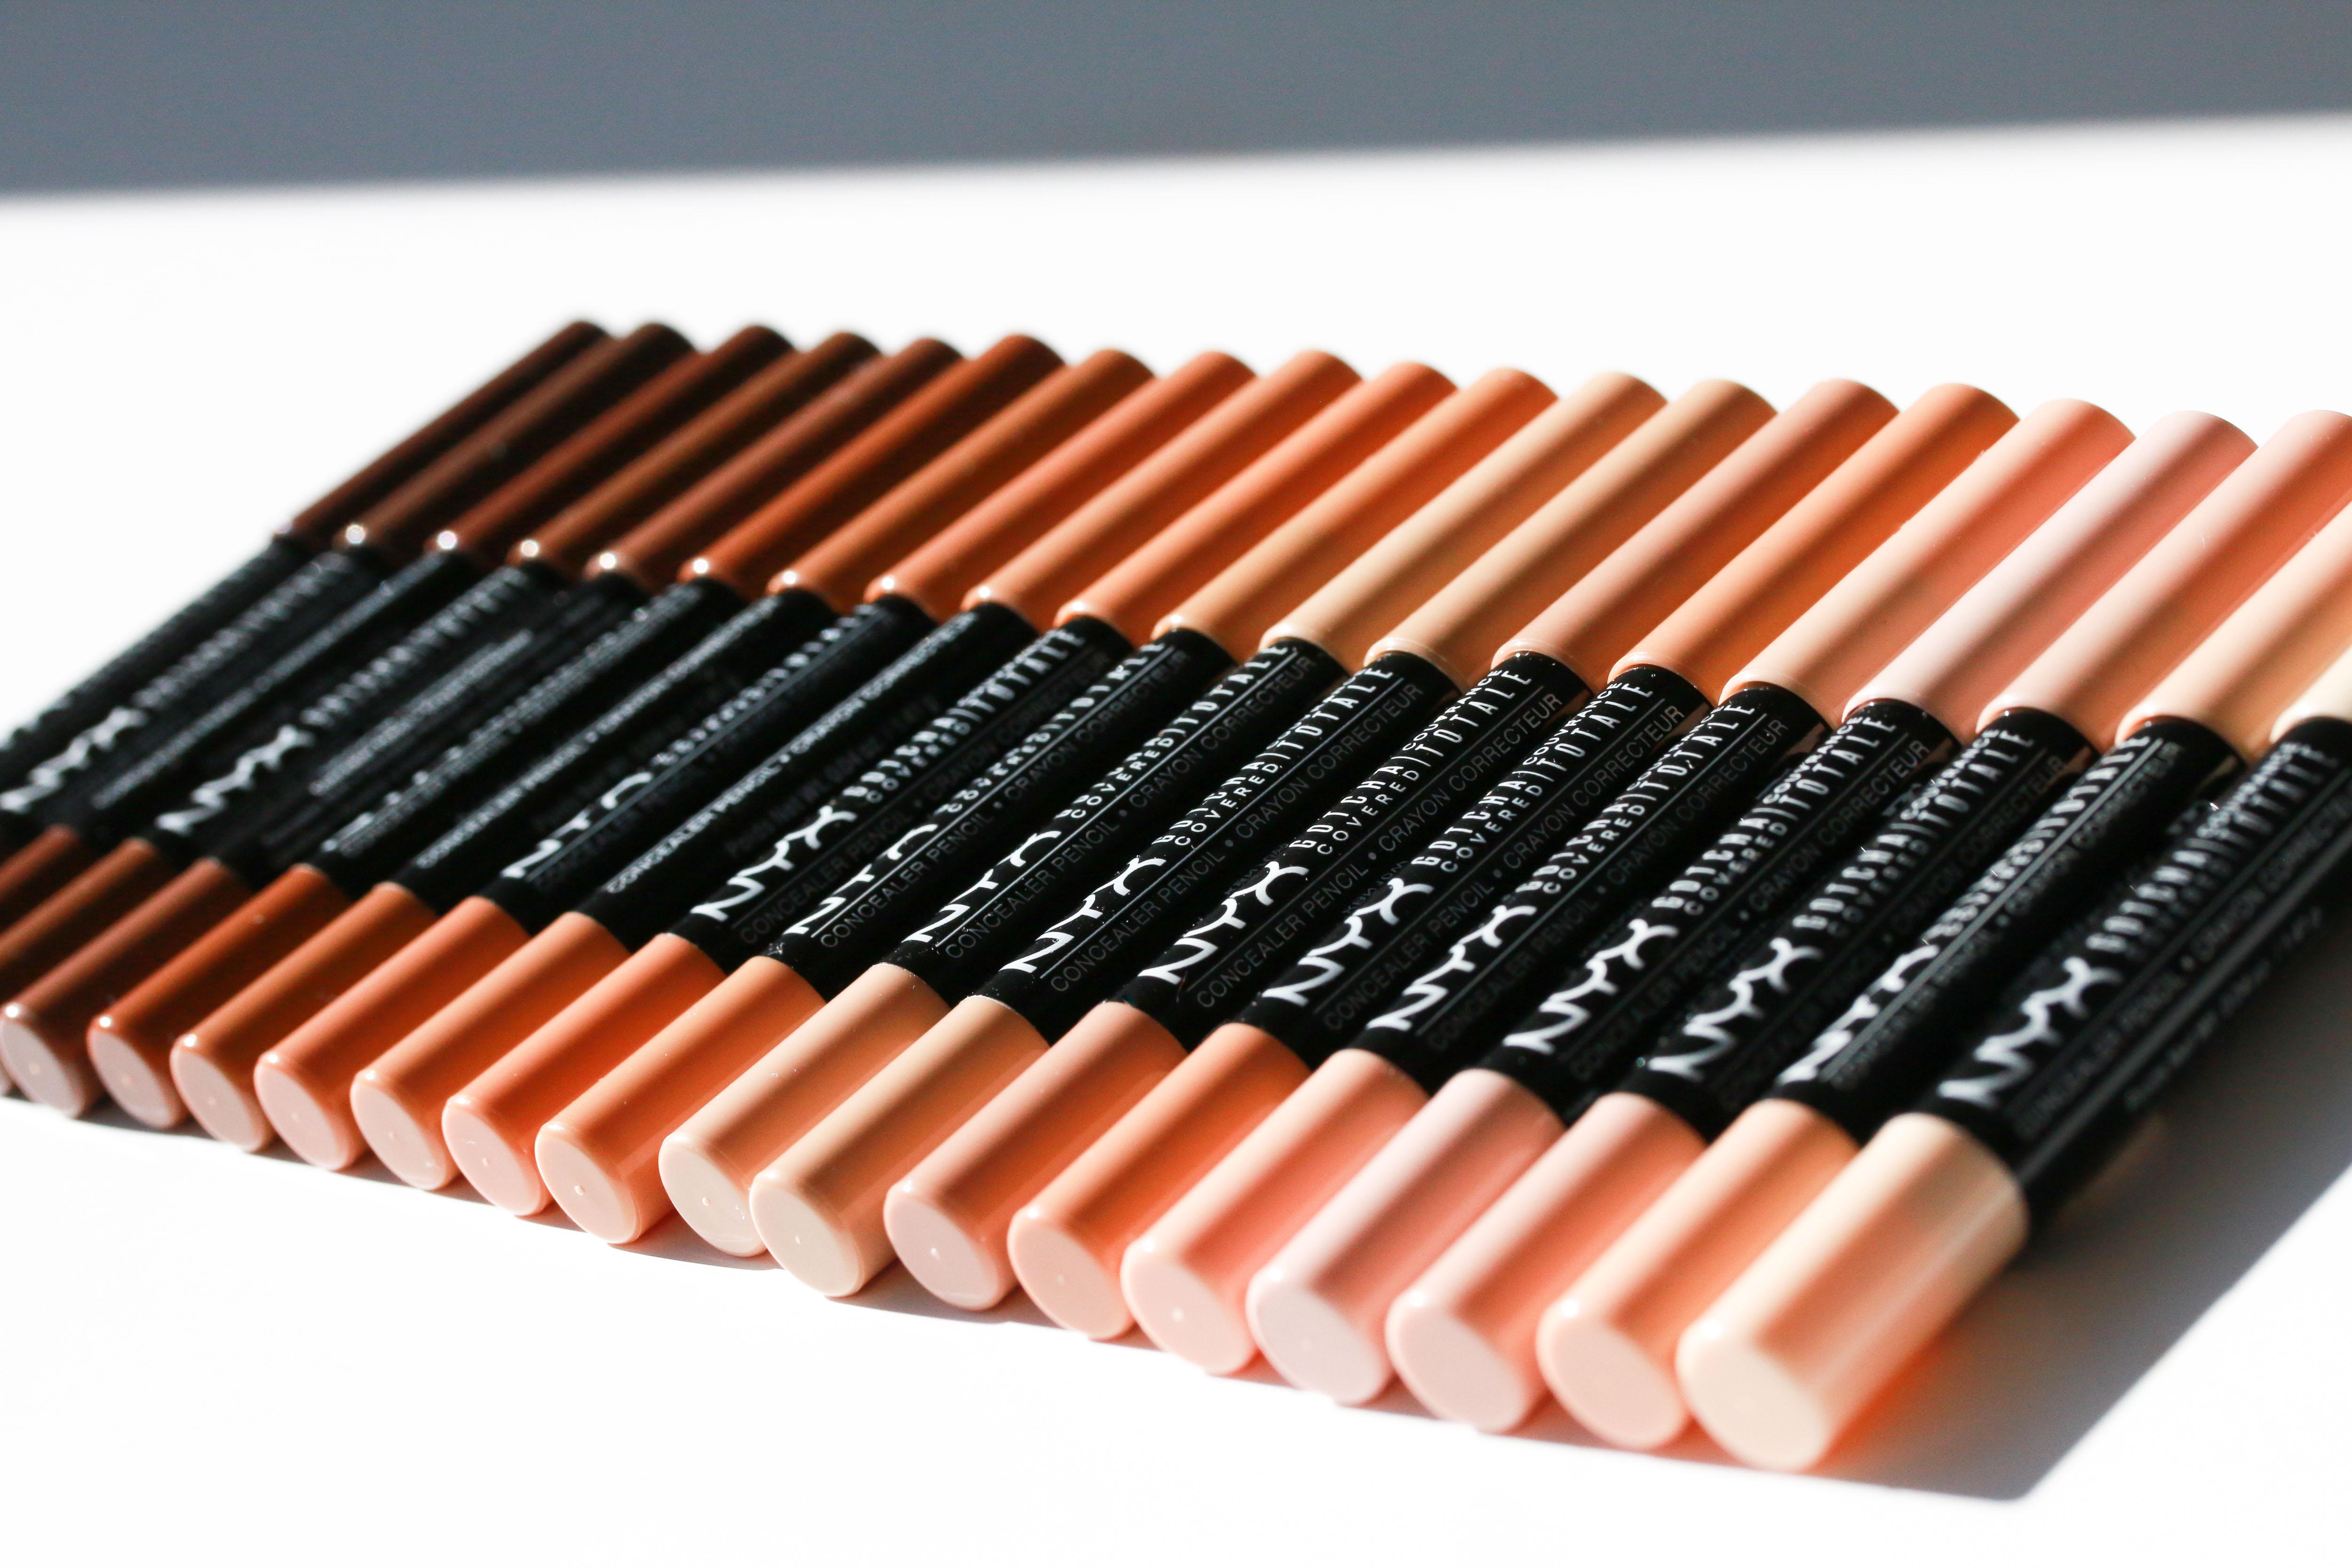 Nyx Gotcha Covered Concealer Pencil Alle 20 Farben Innenaussen Stick Bei Concealern Finden Sich Aber Oft Nur 3 5 Nuancen Der Ist Nun In Insgesamt Erhltlich